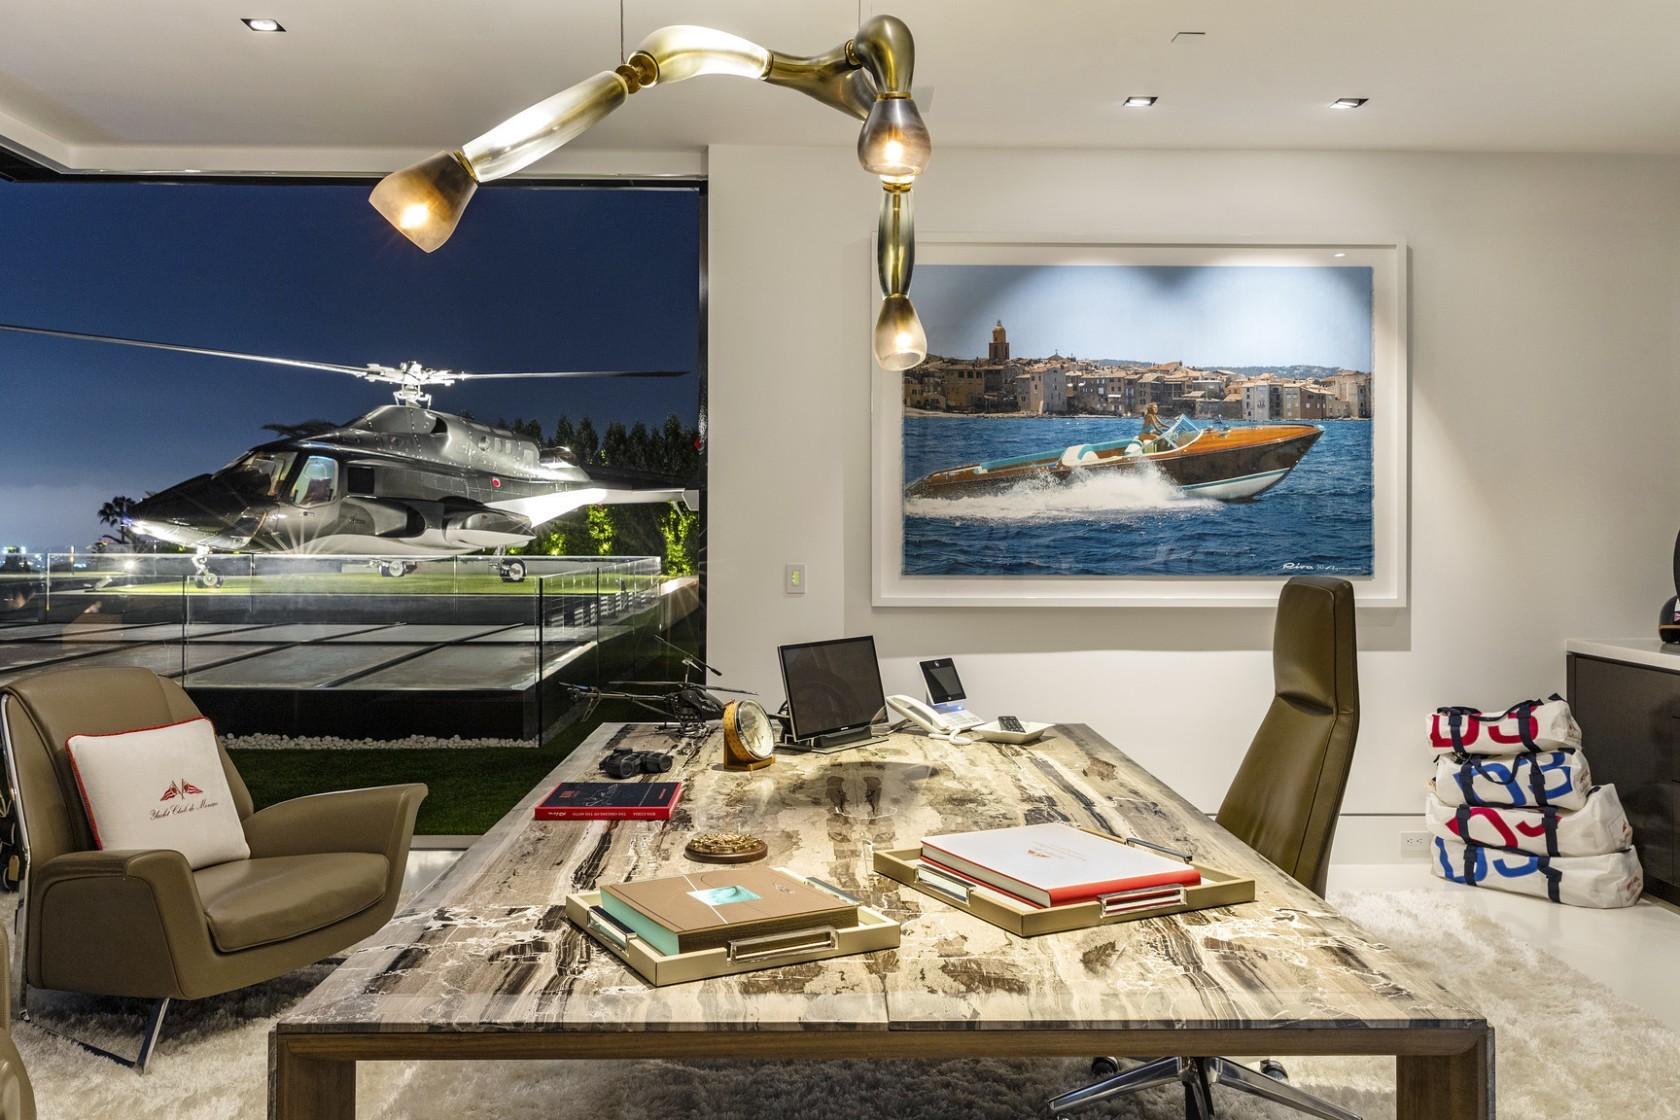 Traumhaus in Bel Air: Dieses $250 Millionen Dollar Anwesen wechselt für $94 Millionen den Besitzer 3